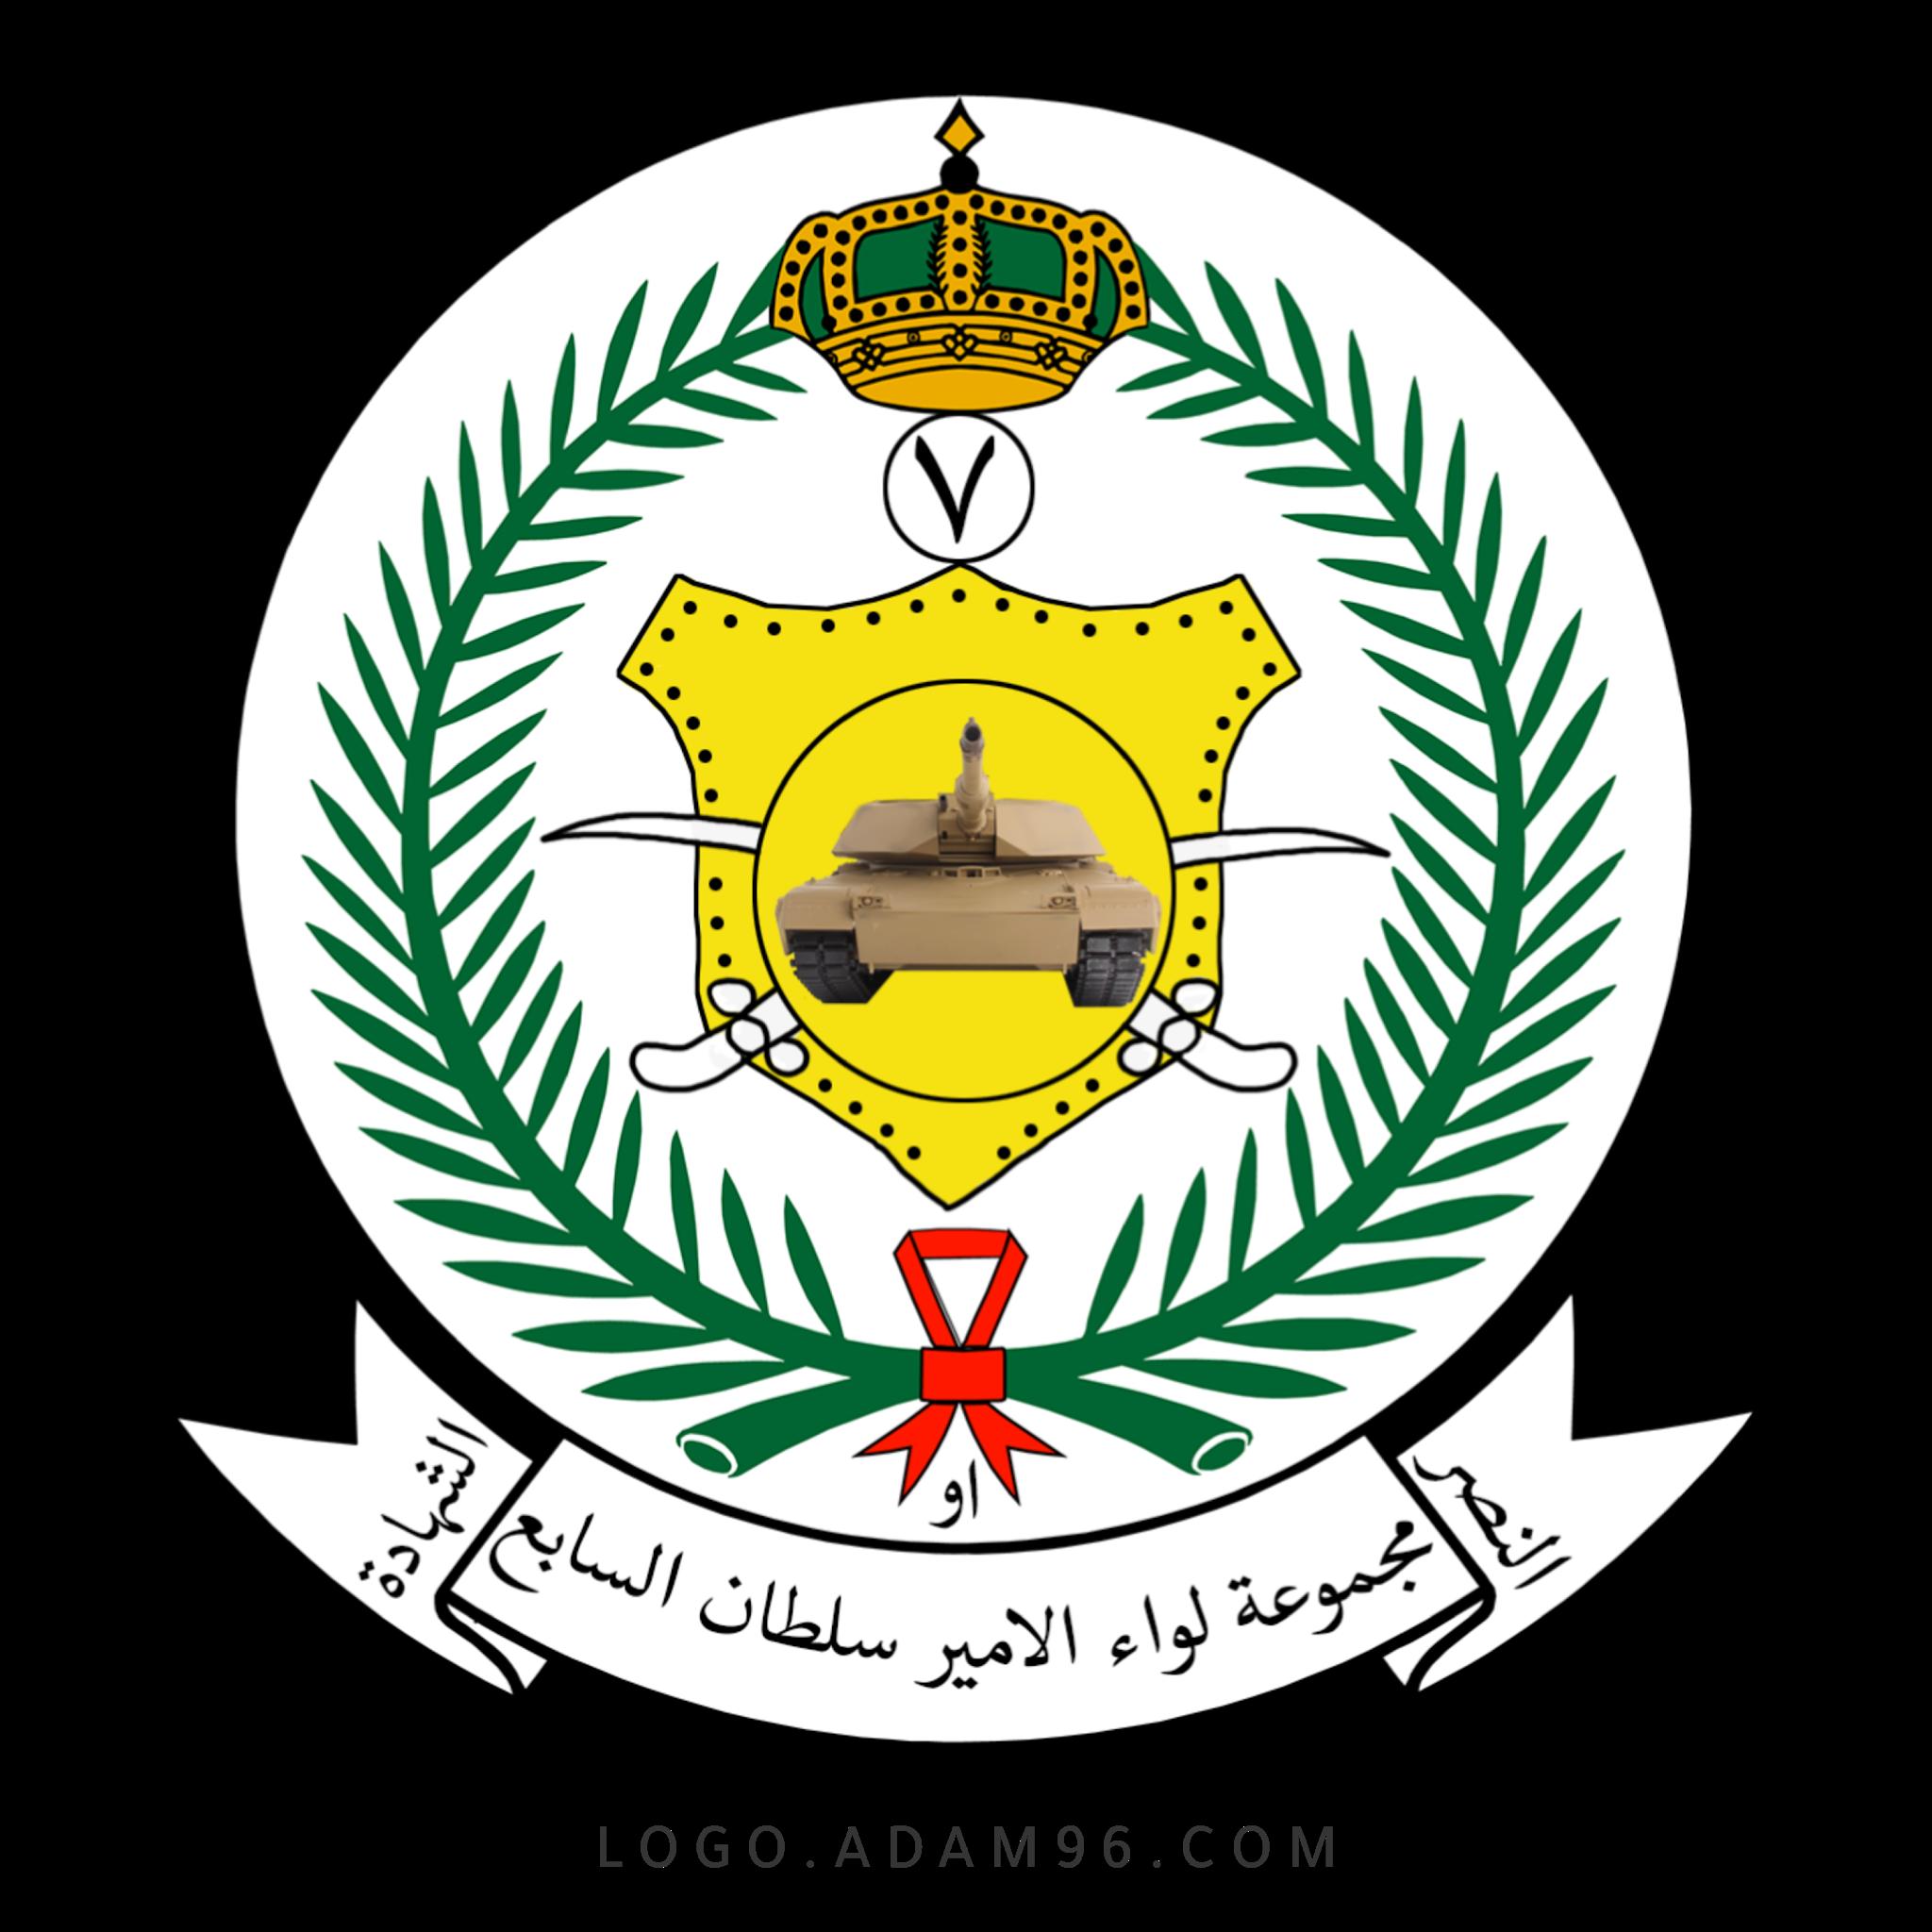 تحميل شعار مجموعة لواء الأمير سلطان السابع لوجو رسمي بجودة عالية PNG